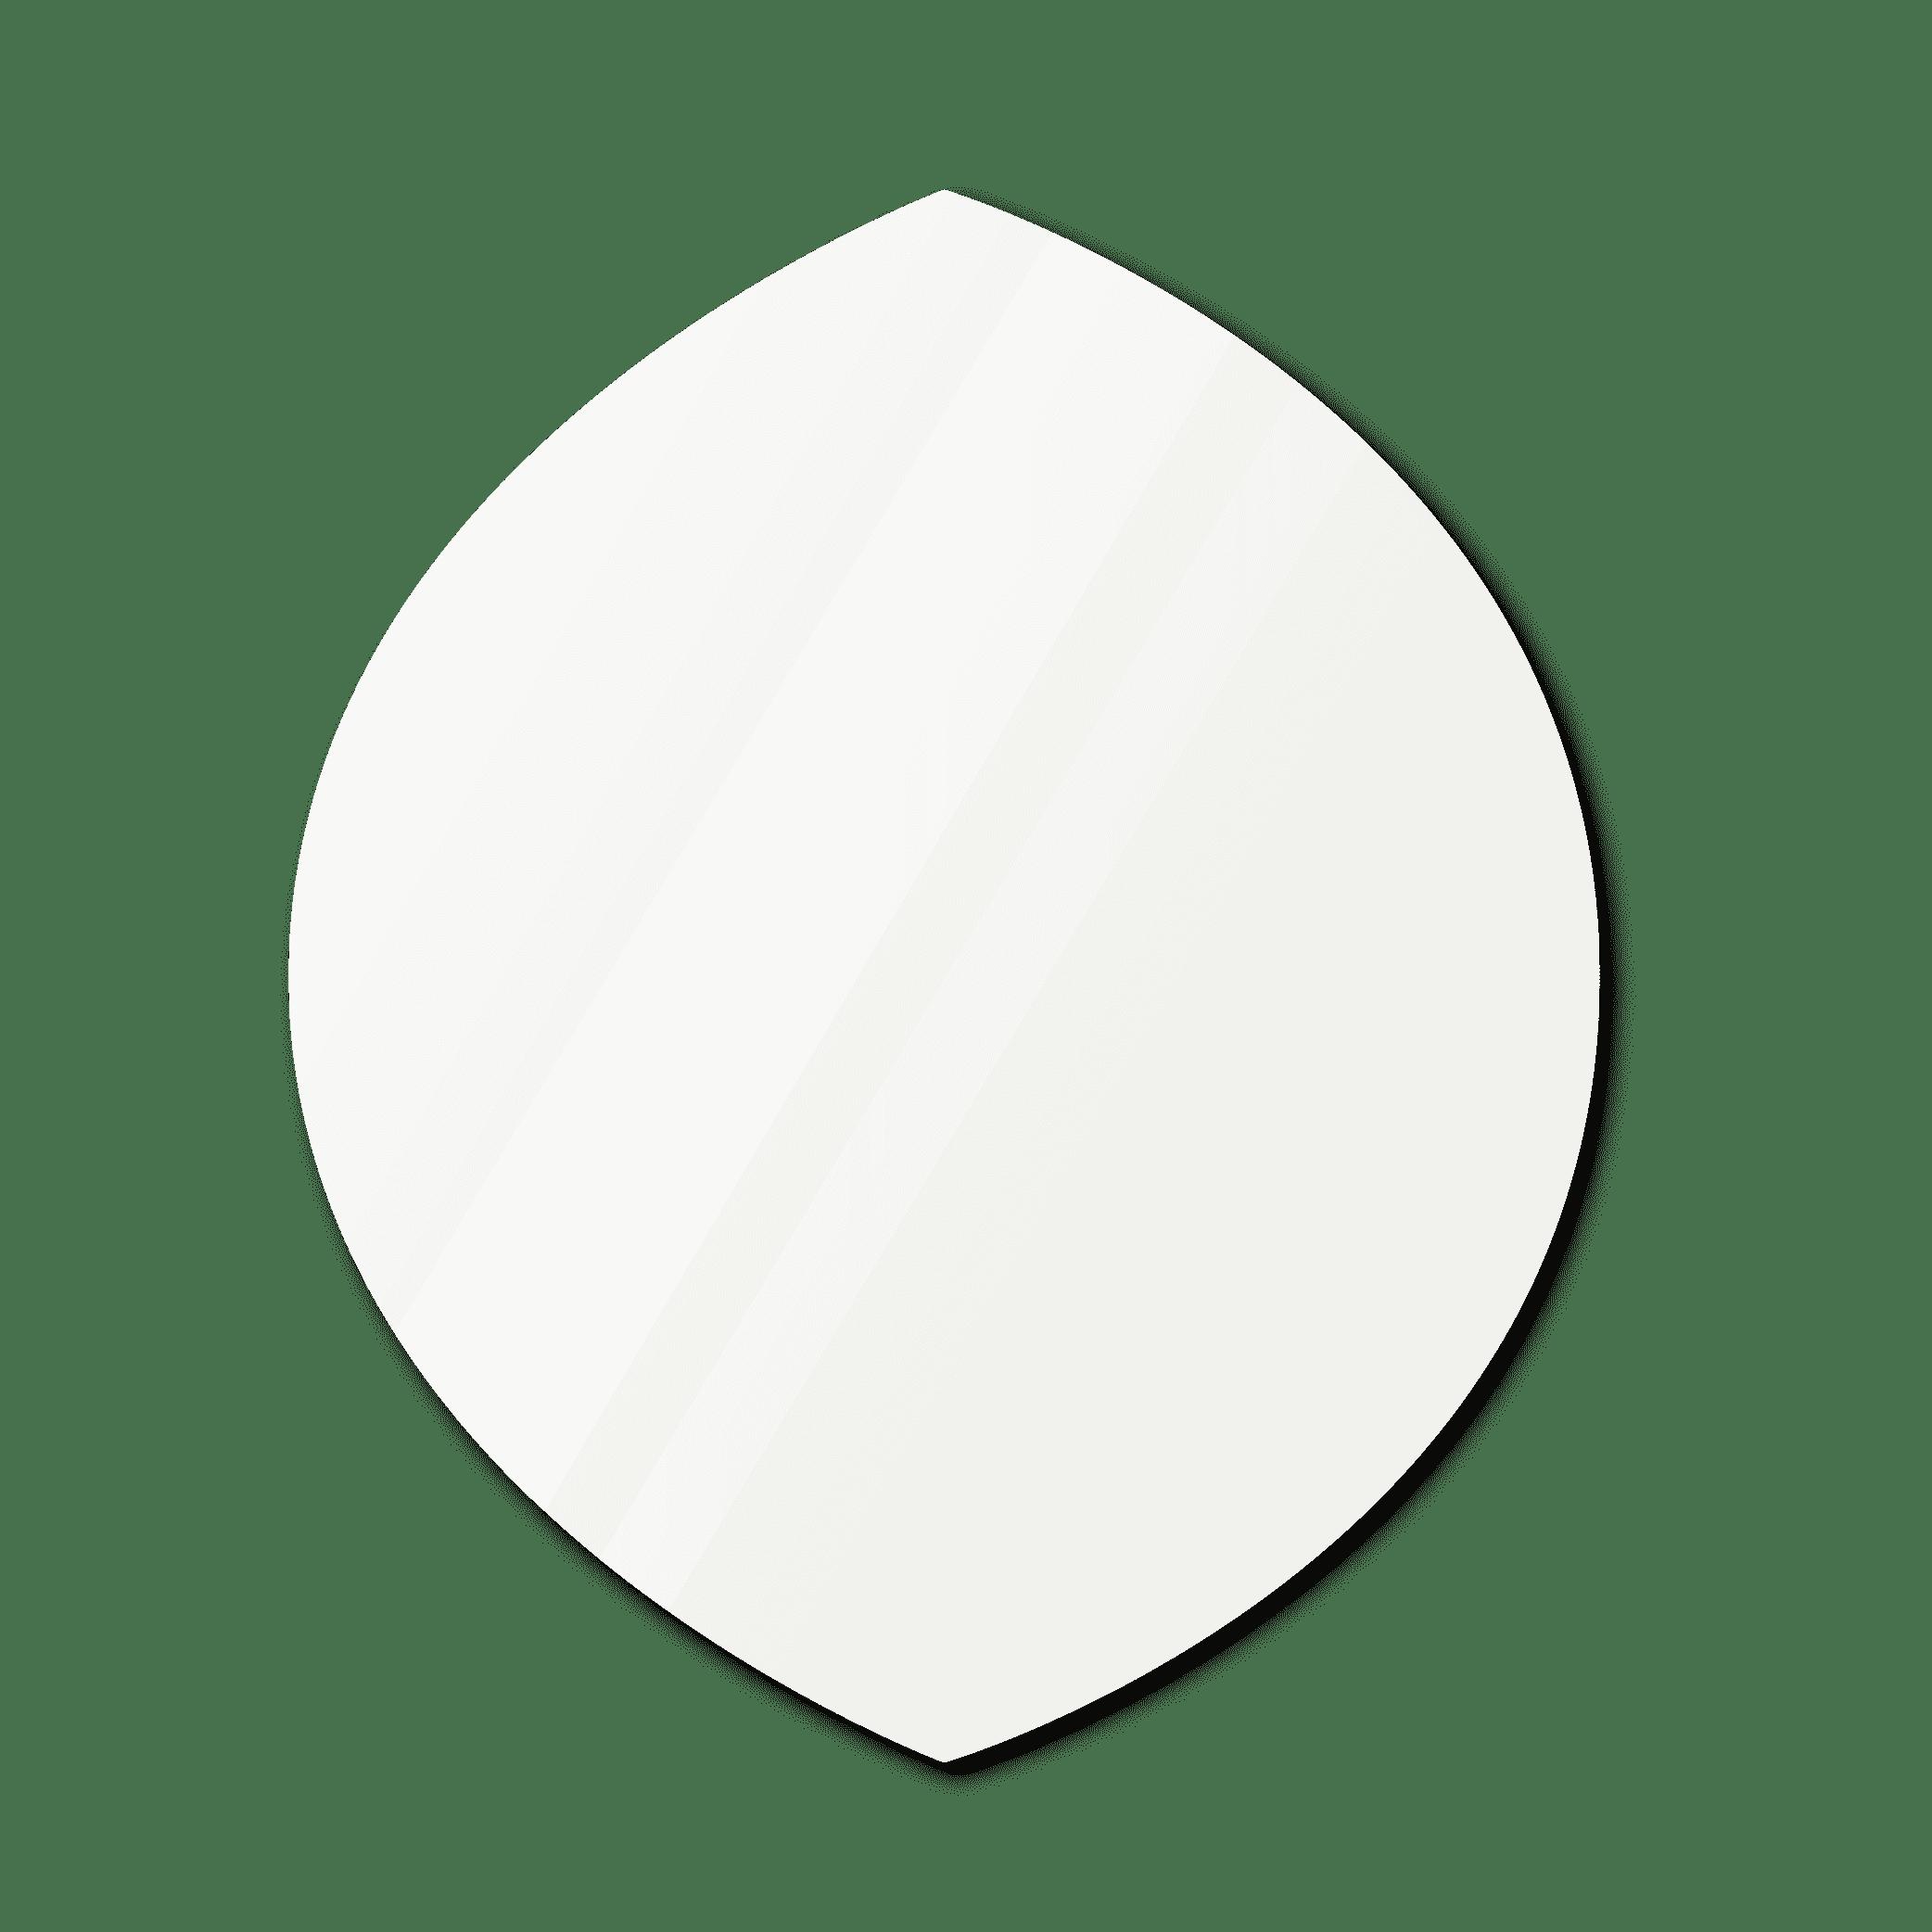 Фигурное зеркало 1000×1100 мм осветленное с еврокромкой и креплением на клей